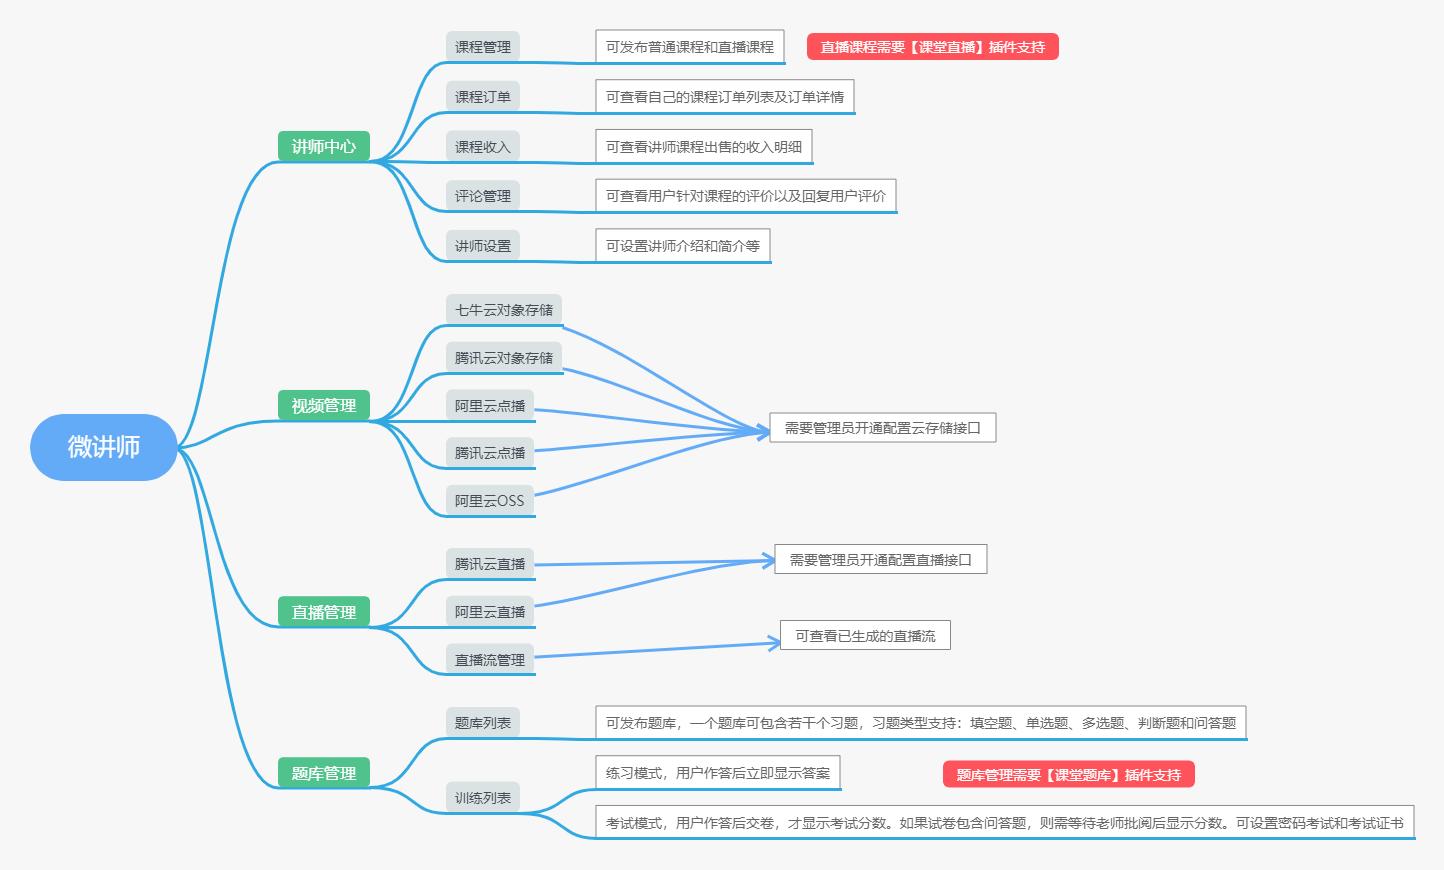 【微讲师】插件 (1).jpg